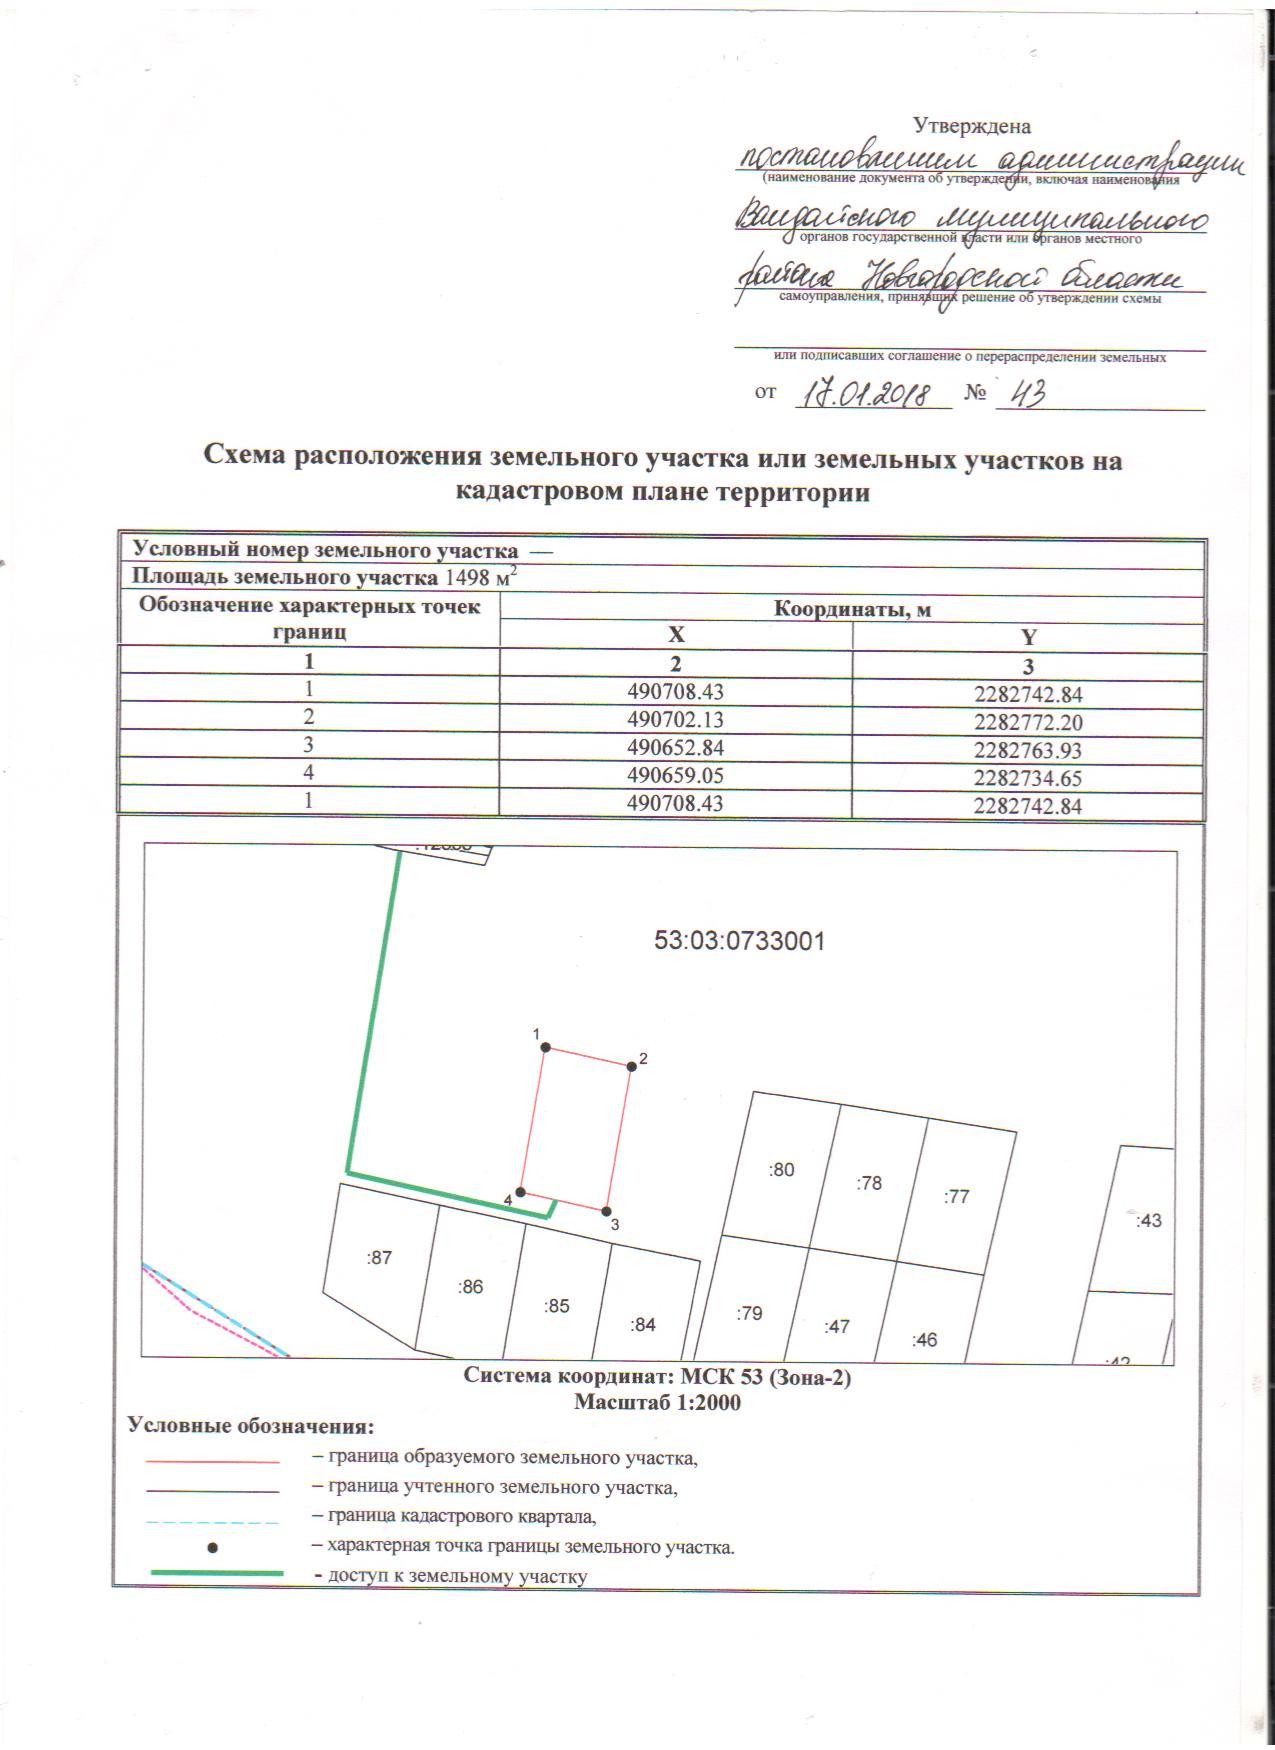 Бланк заявления на утверждение схем расположения земельных участков